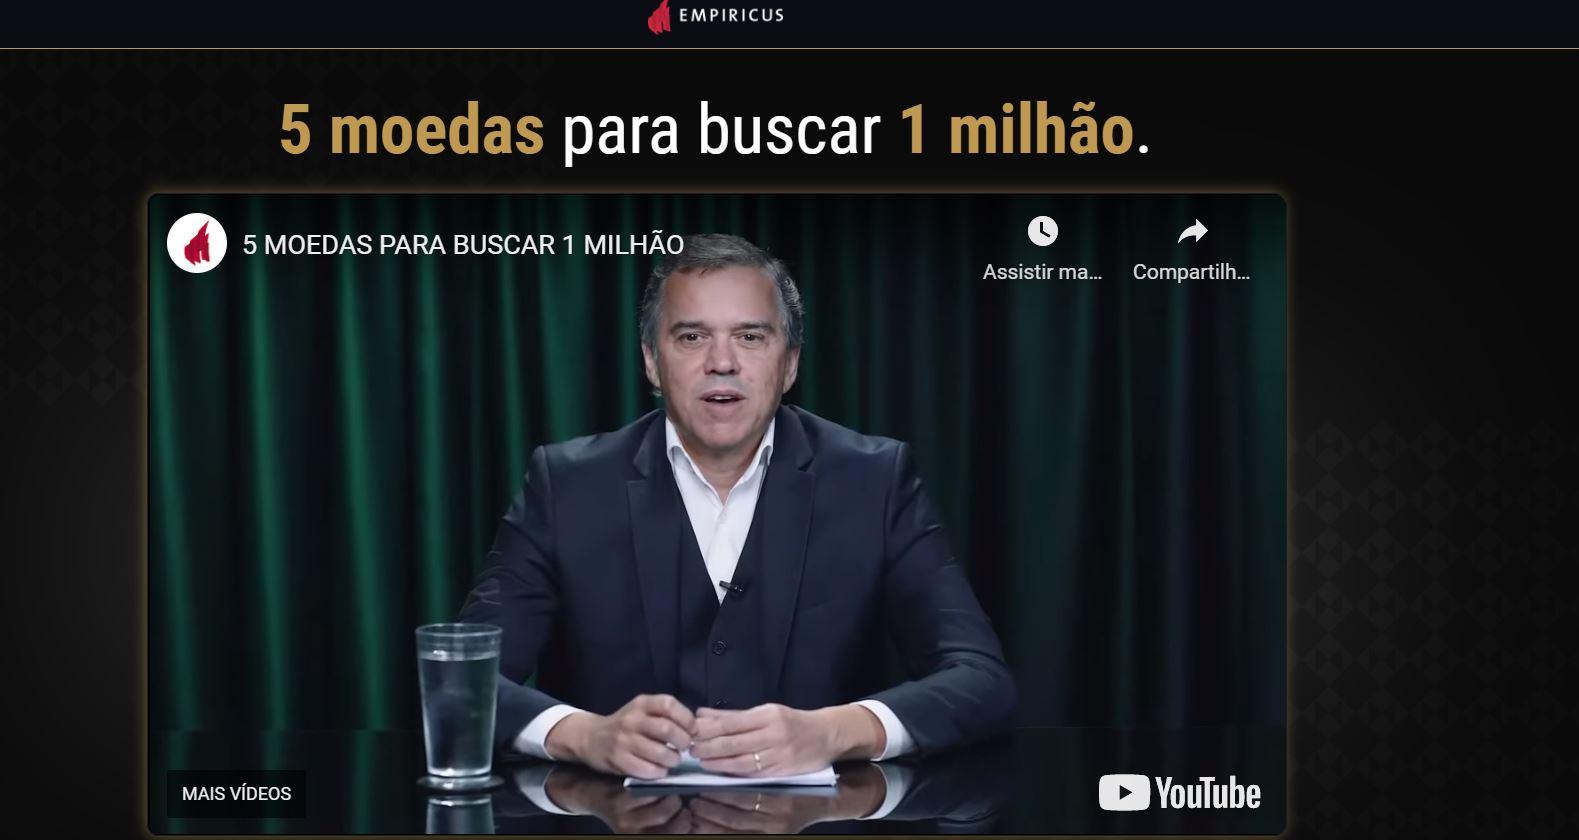 Caio Mesquita, sócio-fundador da Empirucus, em transmissão de live para revelação das 5 criptomoedas para buscar R$ 1 milhão